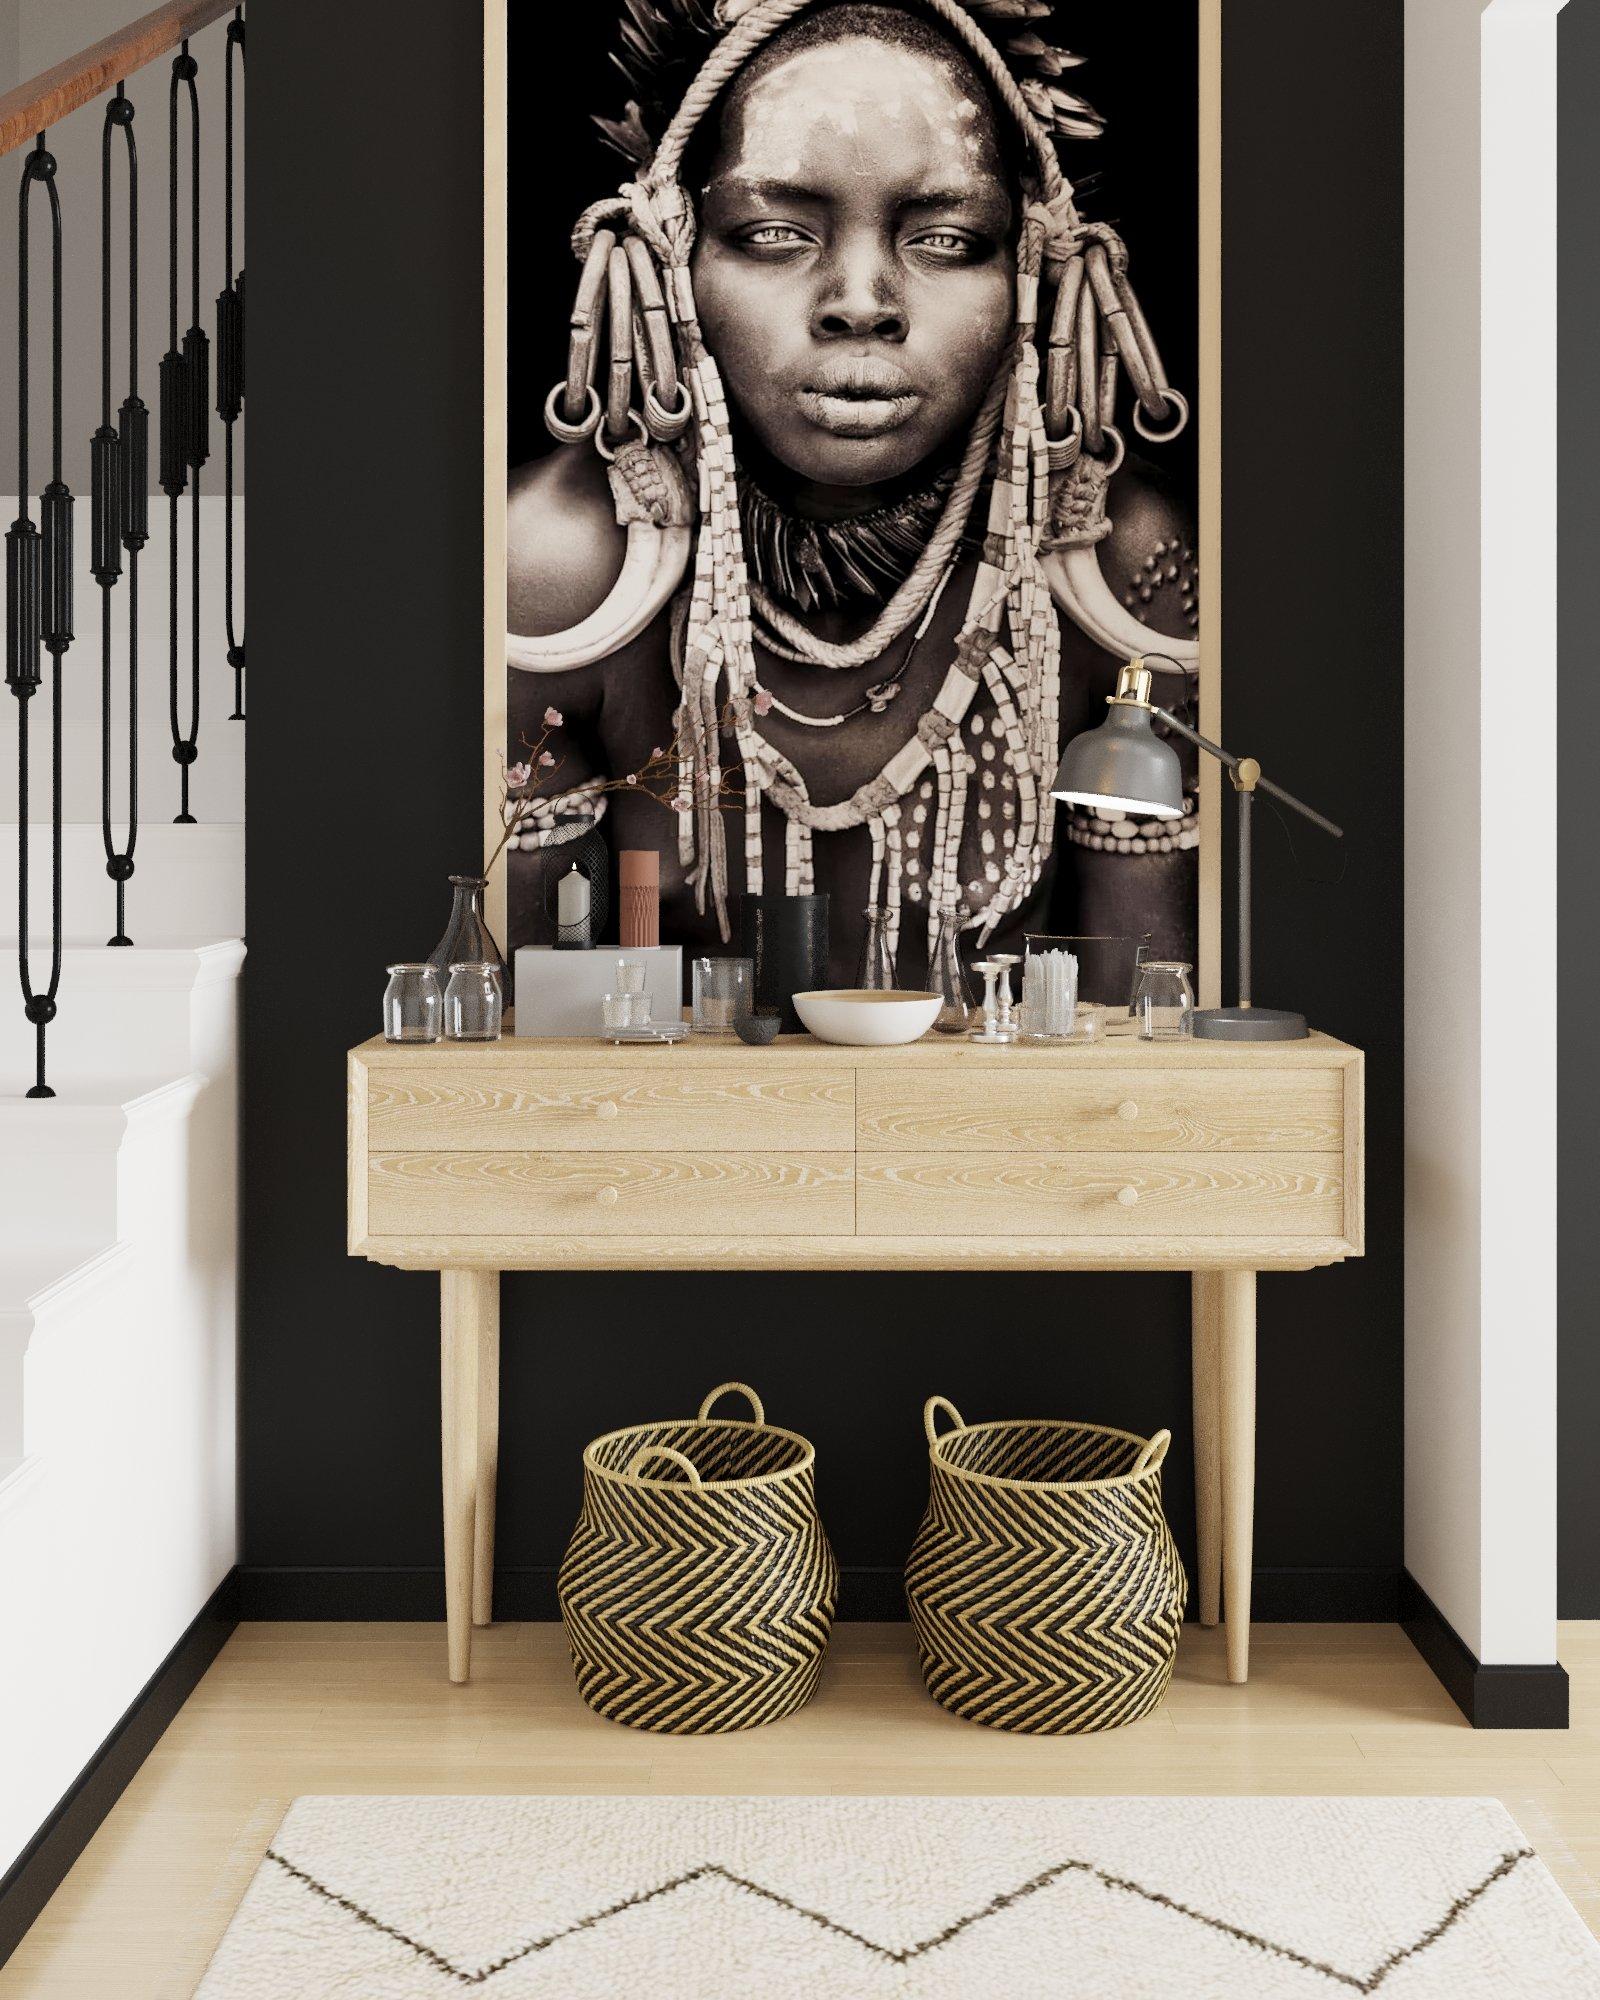 Les décorations ethniques habillent les murs